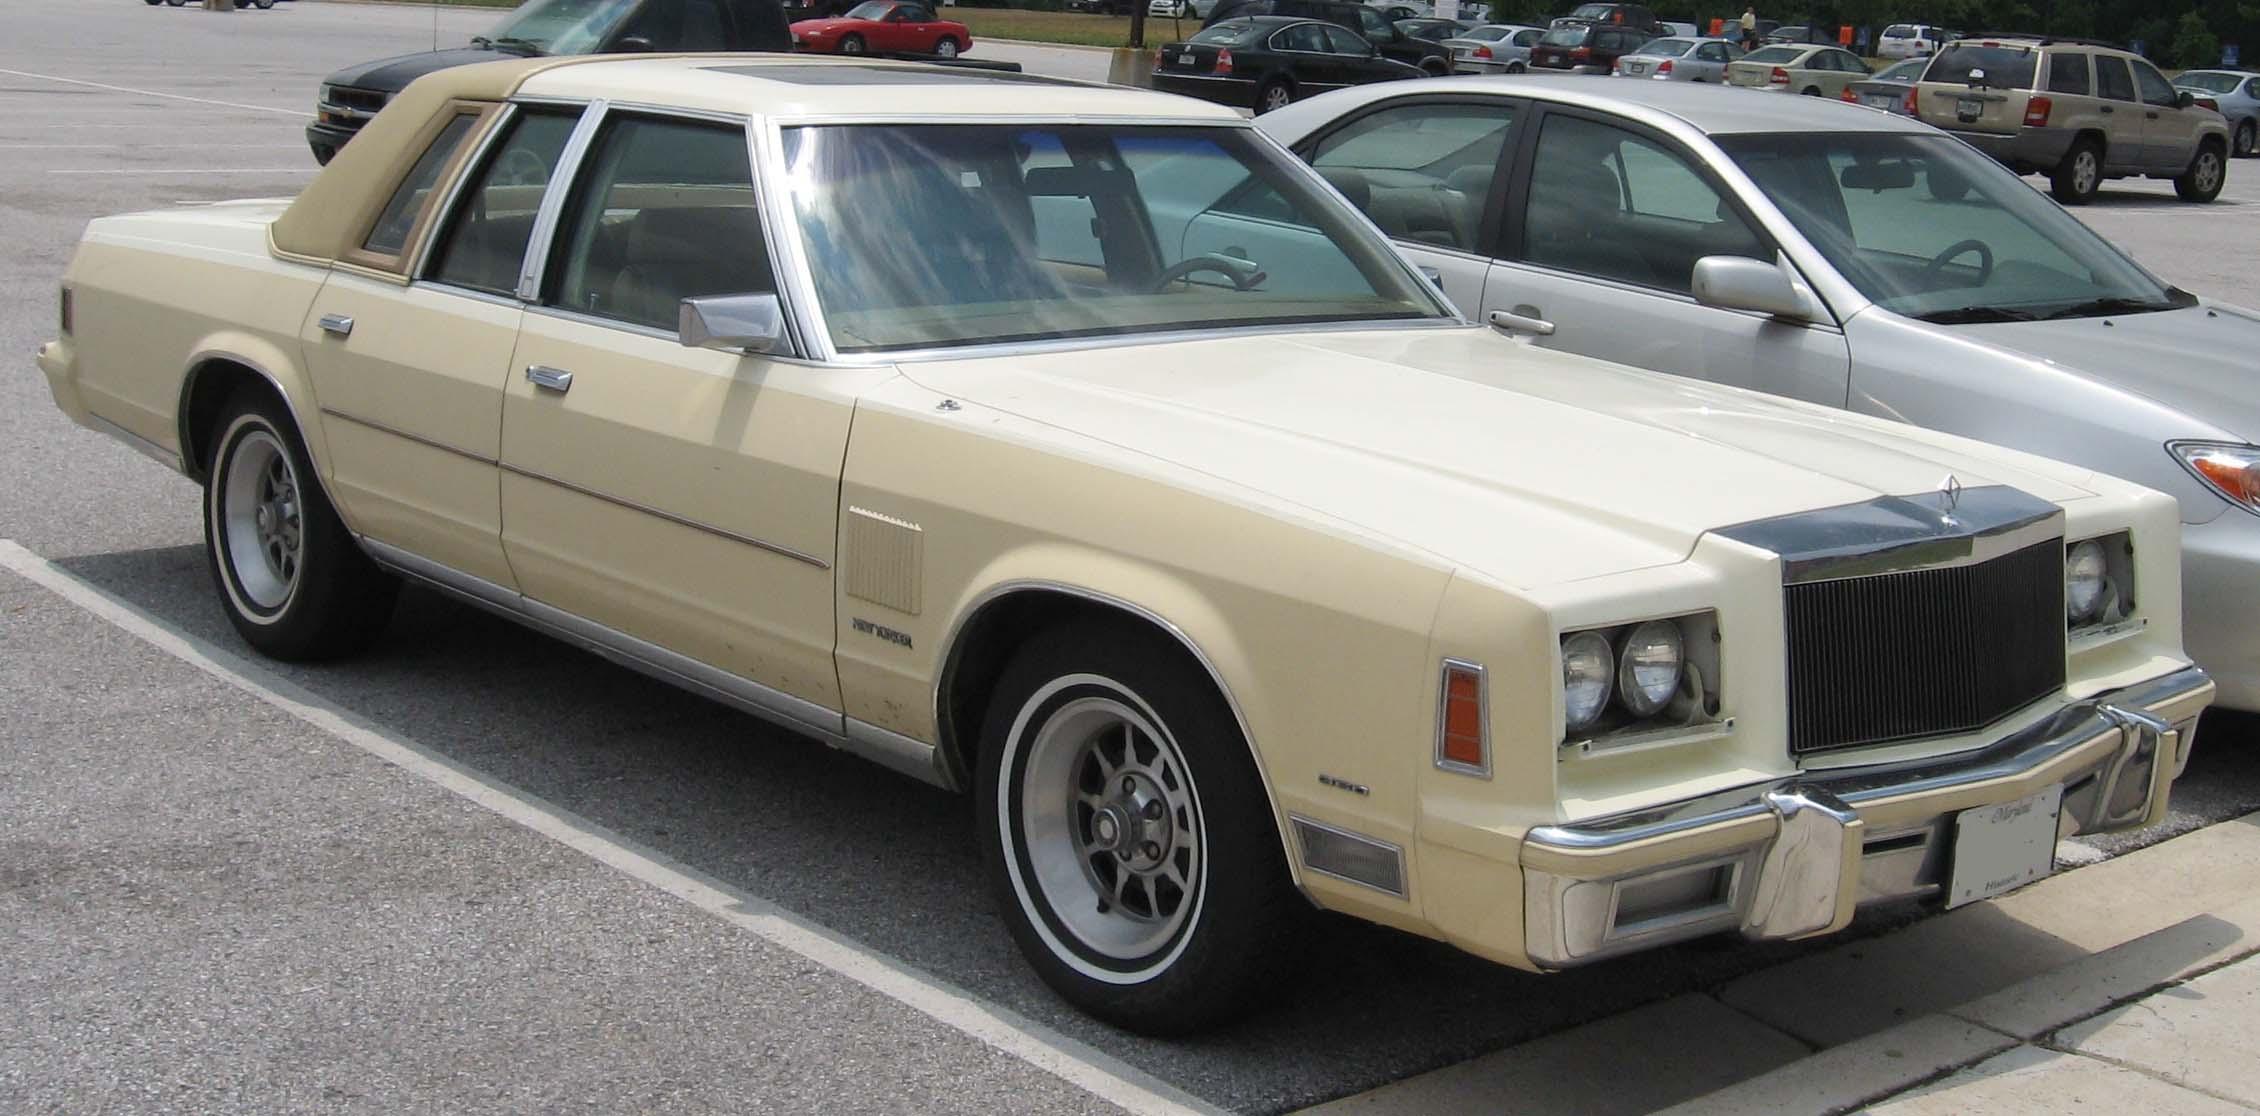 Chrysler new yorker technical specifications and fuel economy for 1993 chrysler new yorker salon sedan